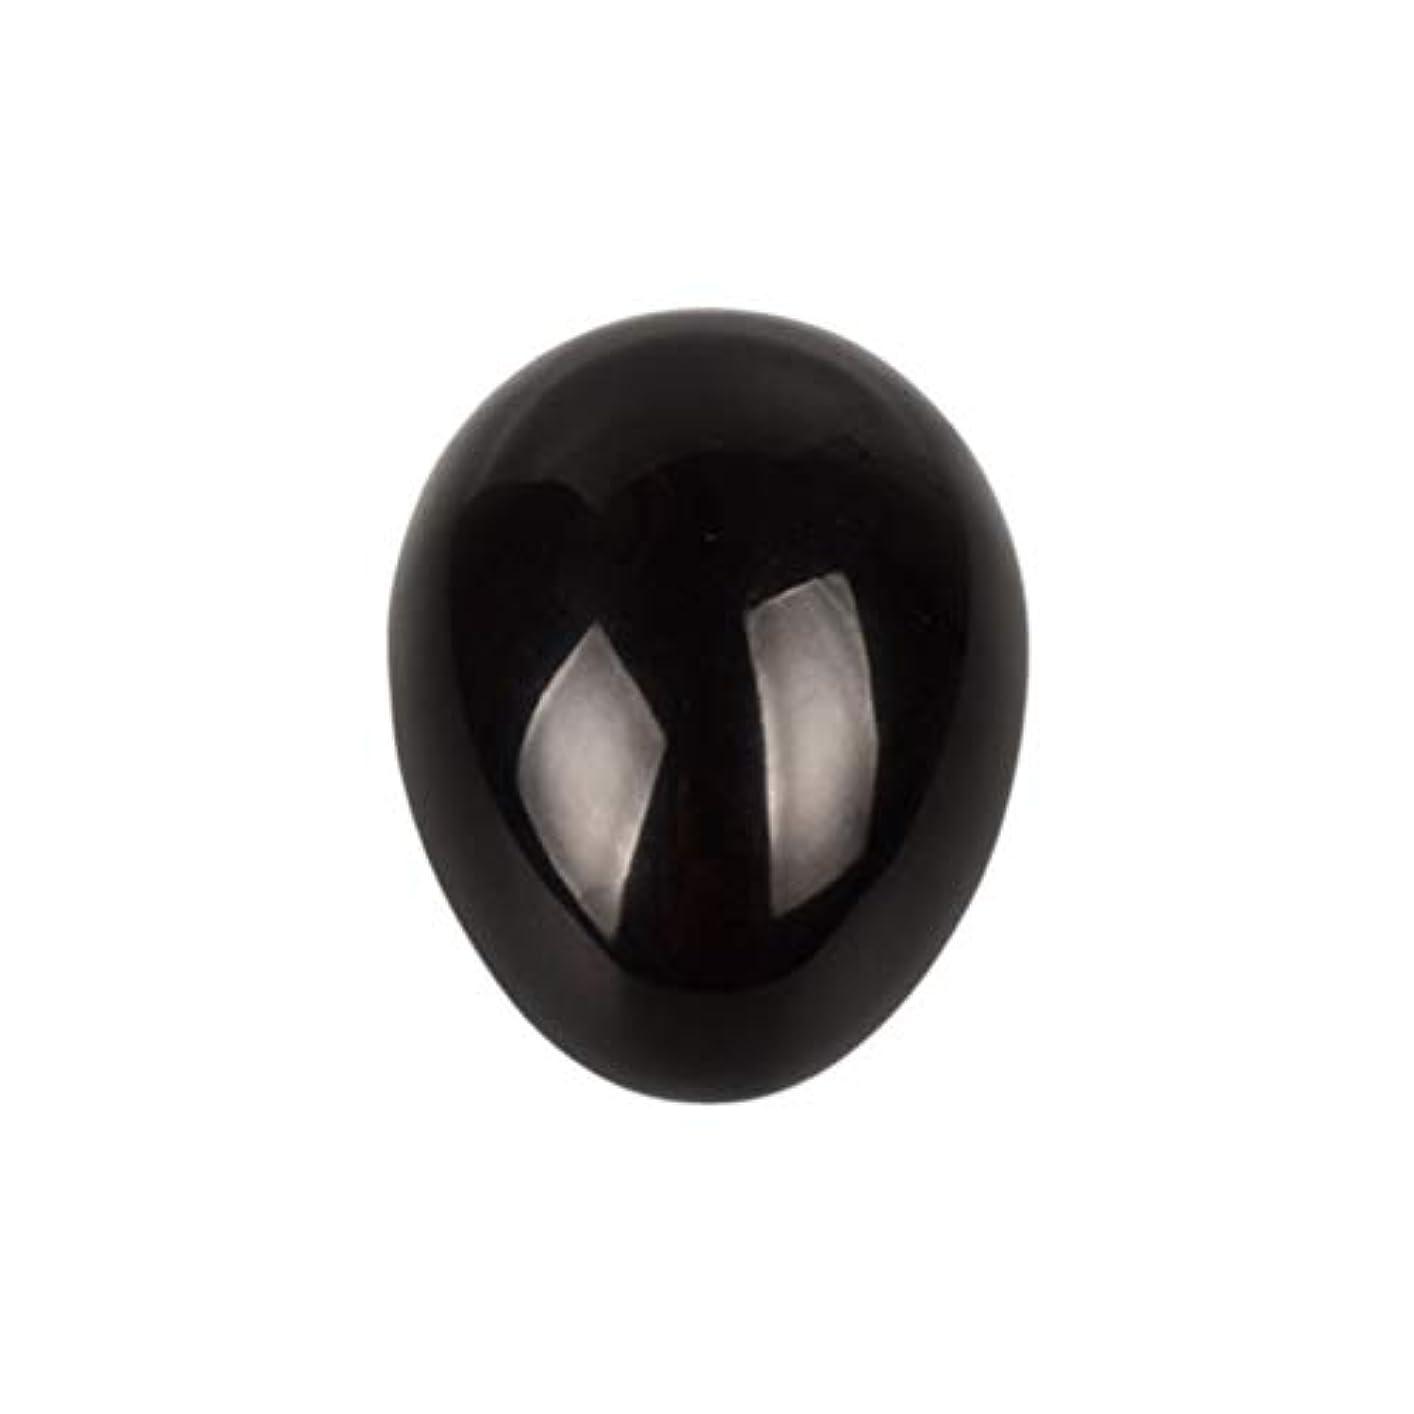 高度な再生的ダウンタウンROSENICE 瞑想チャクラバランスのための黒曜石の卵の球